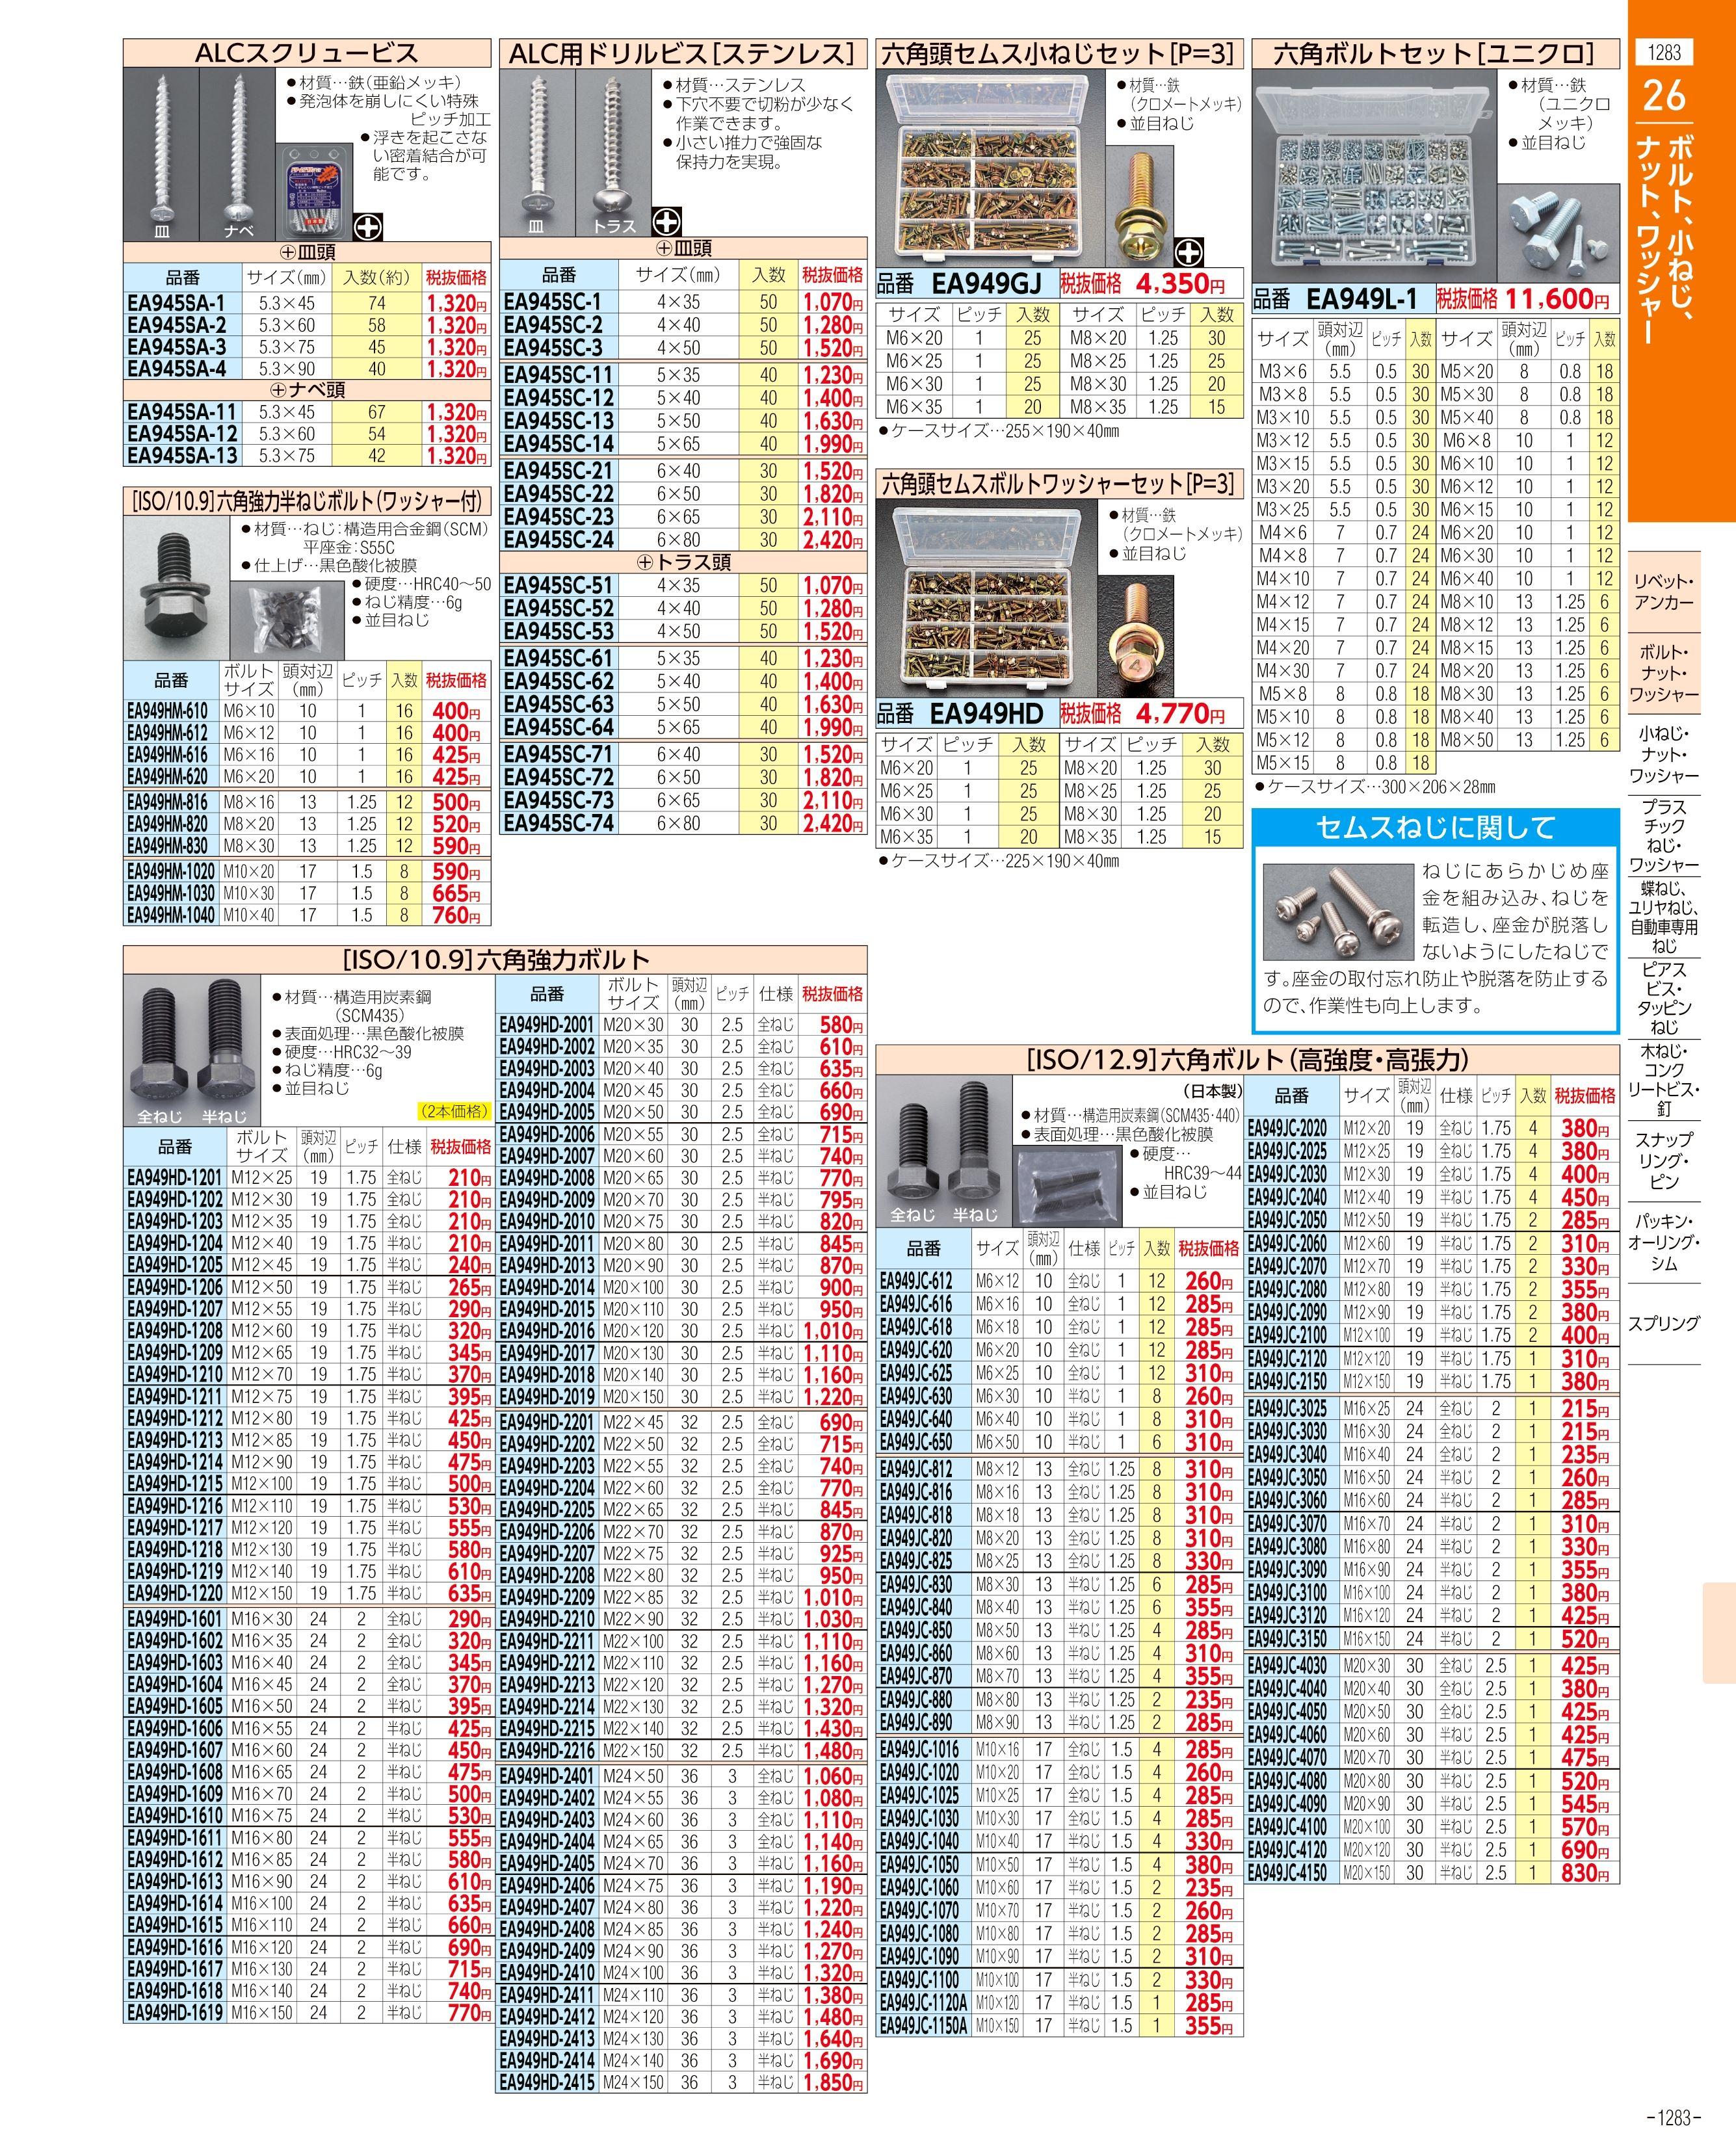 エスコ便利カタログ1283ページ